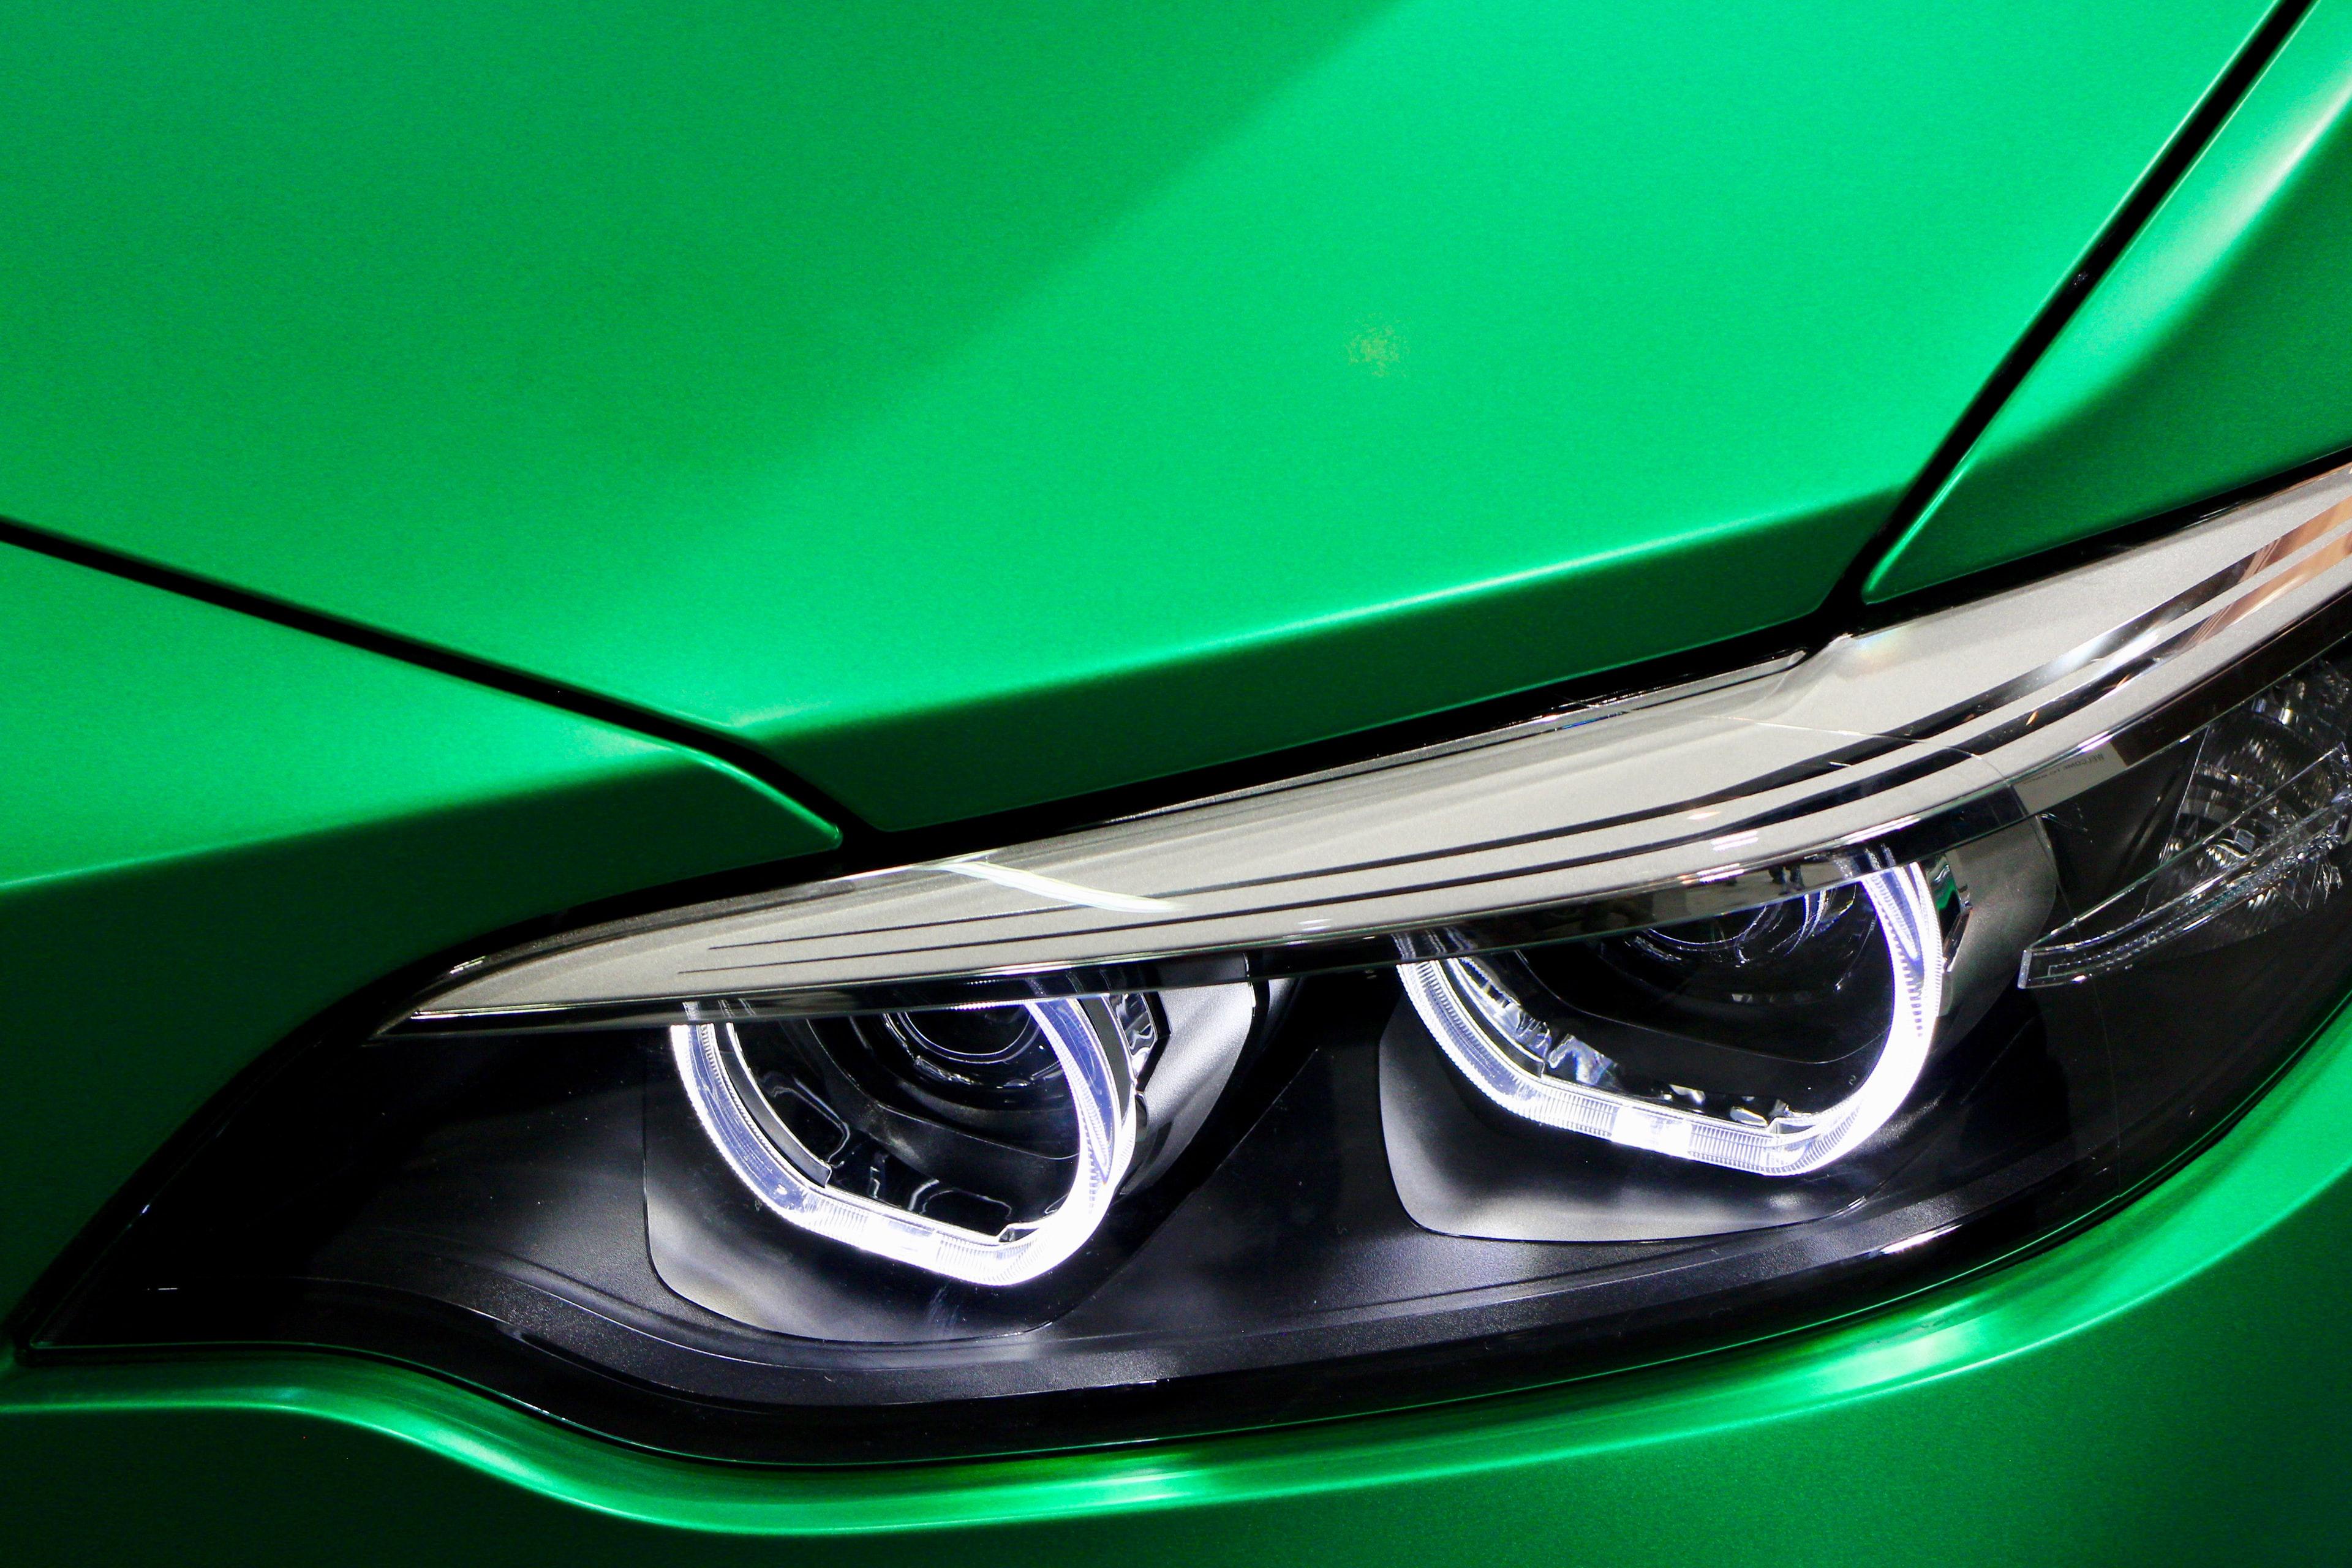 green car bonnet